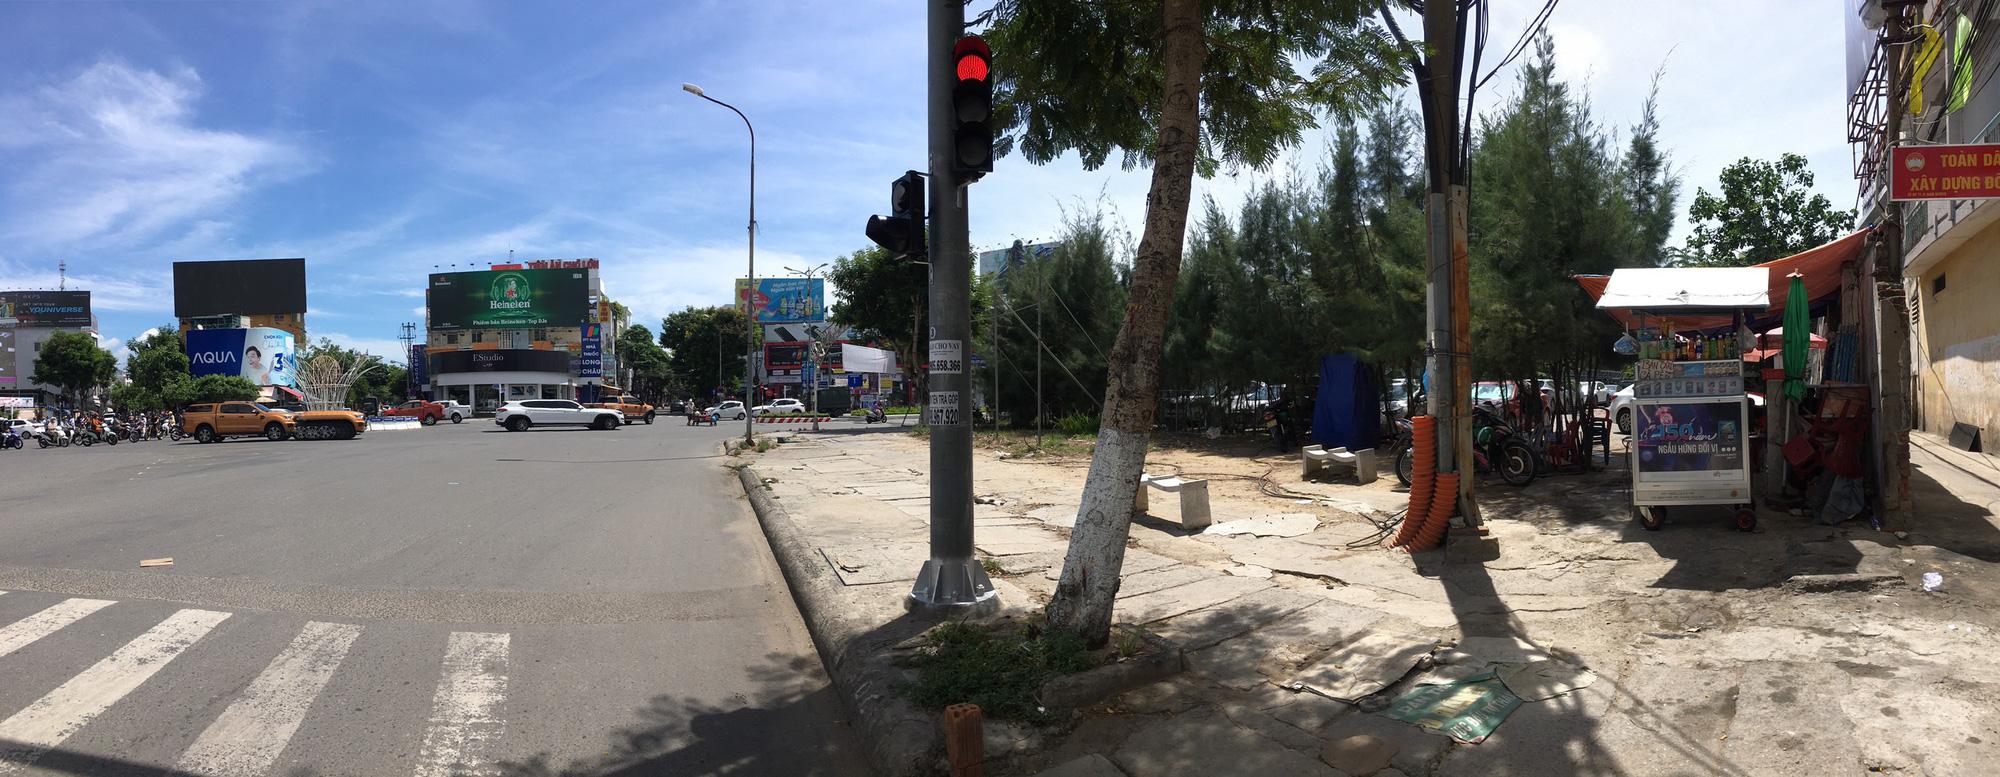 Cận cảnh hai khu đất gần cầu Rồng, Đà Nẵng sẽ đấu giá làm bãi đỗ xe - Ảnh 3.